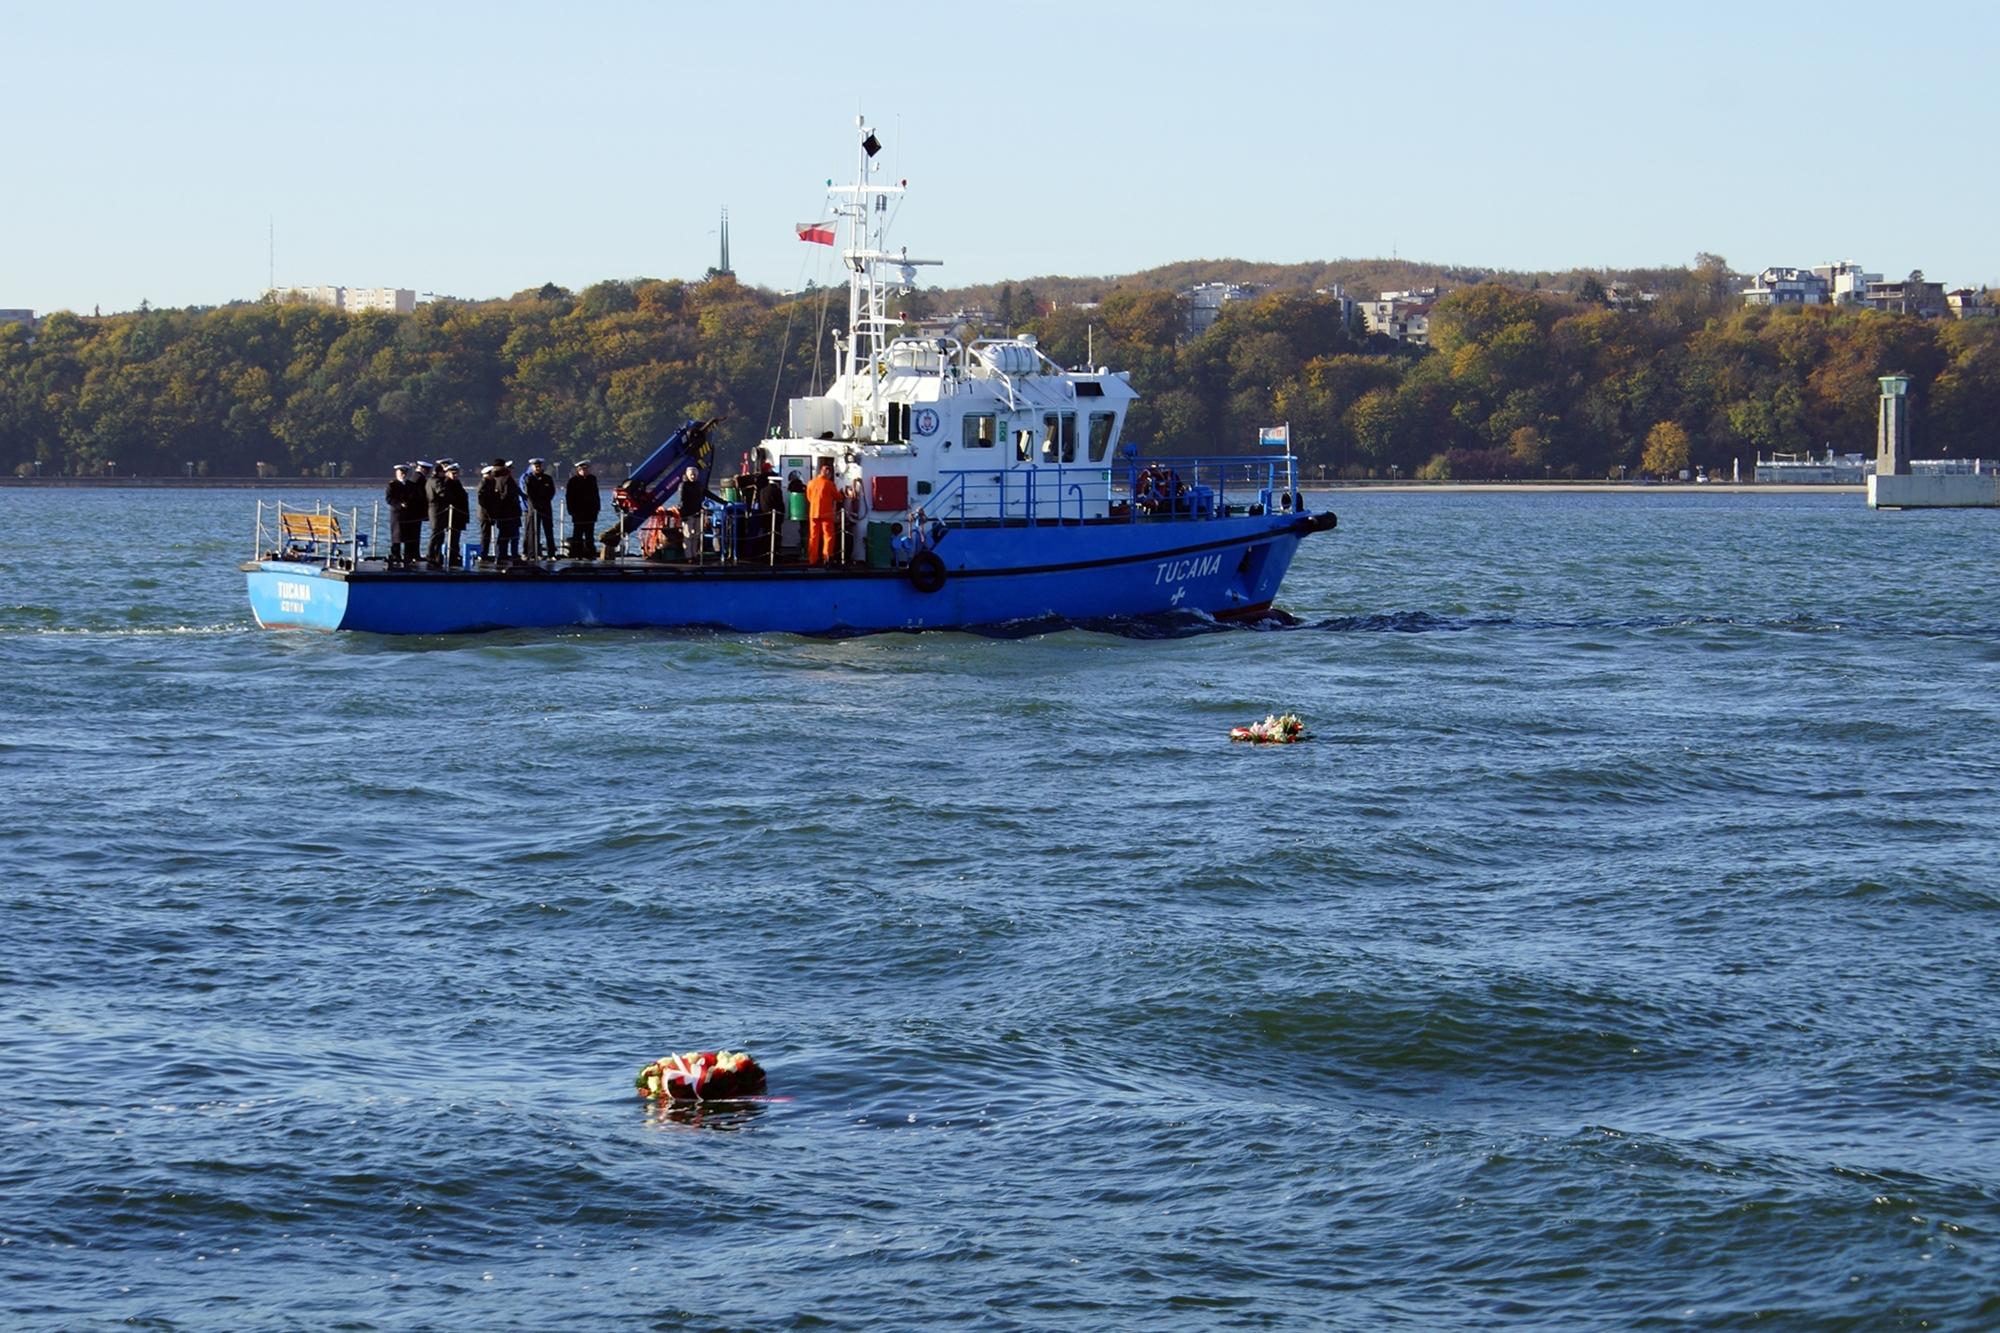 31 listopada z pokładu k/h TUCANA złożono wieńce dla Tych, co z morza nie powrócili